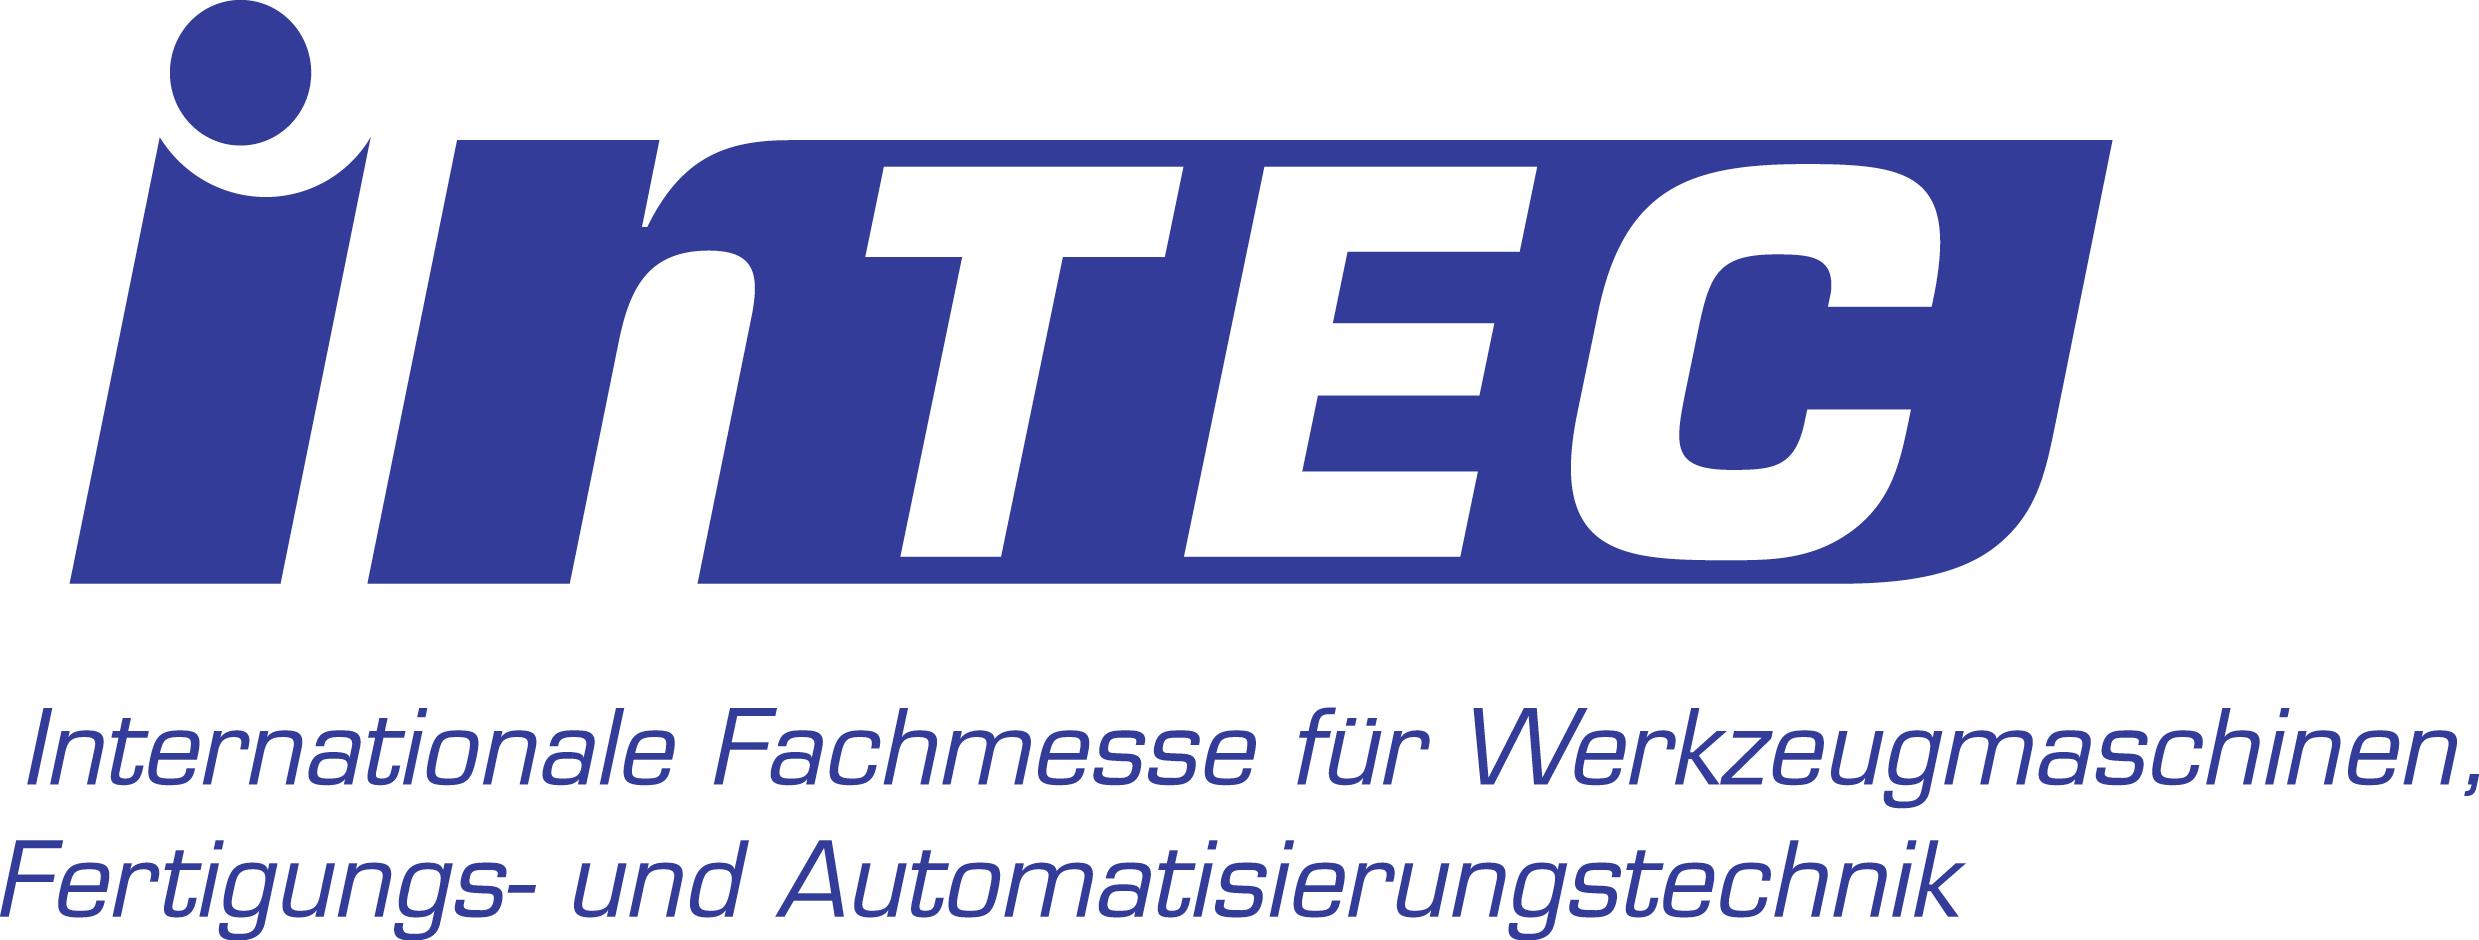 SORALUCE garapenak Leipzigeko INTEC 2015 erakustazokan daude erakusgai otsailaren 24tik 27ra